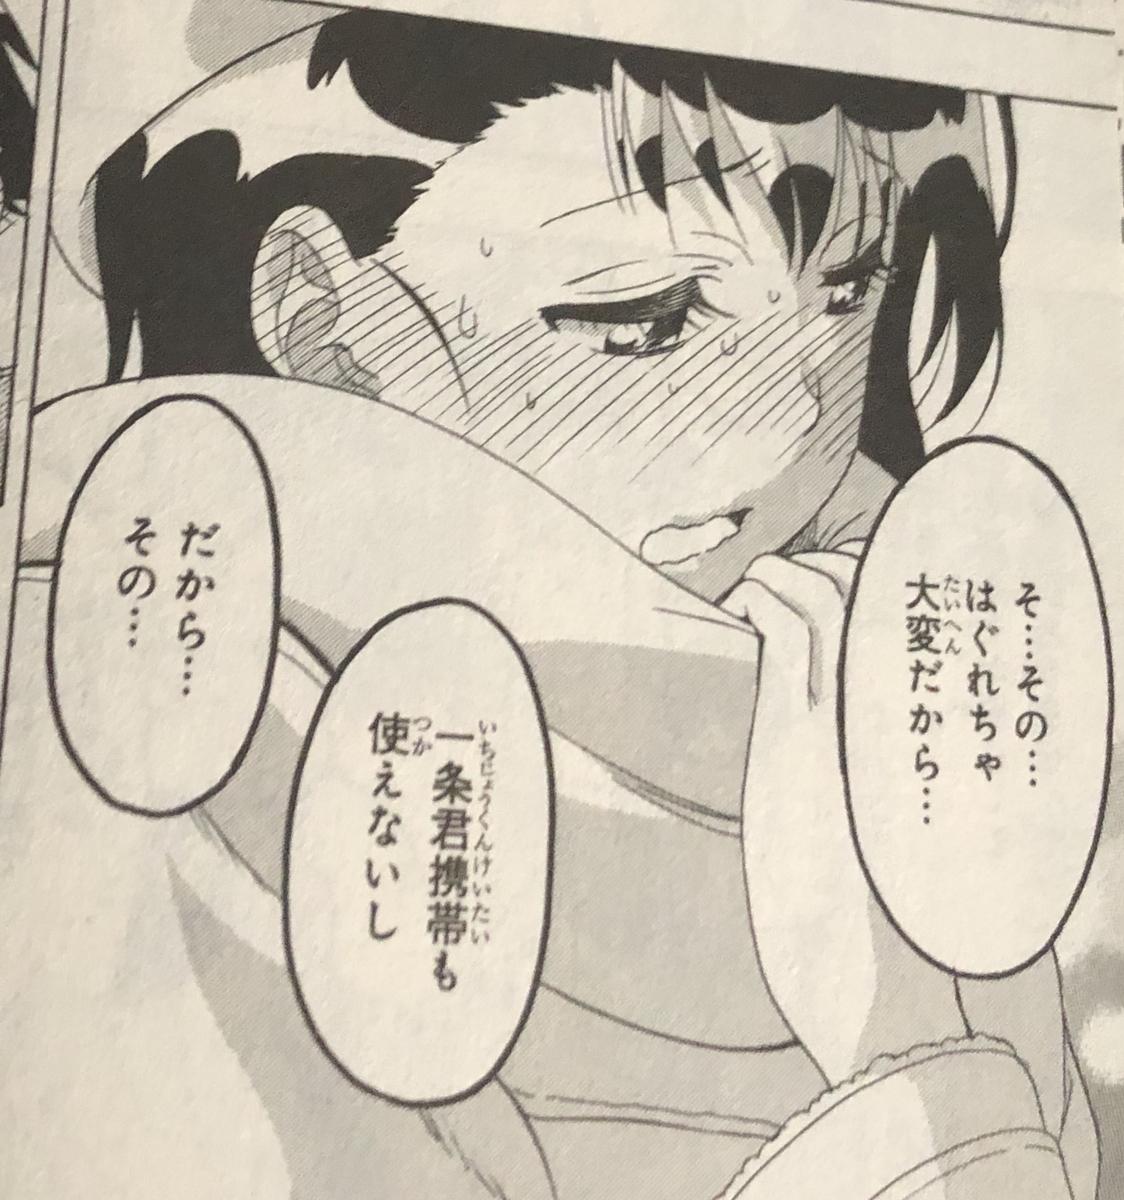 f:id:hirotaki:20190616165827j:plain